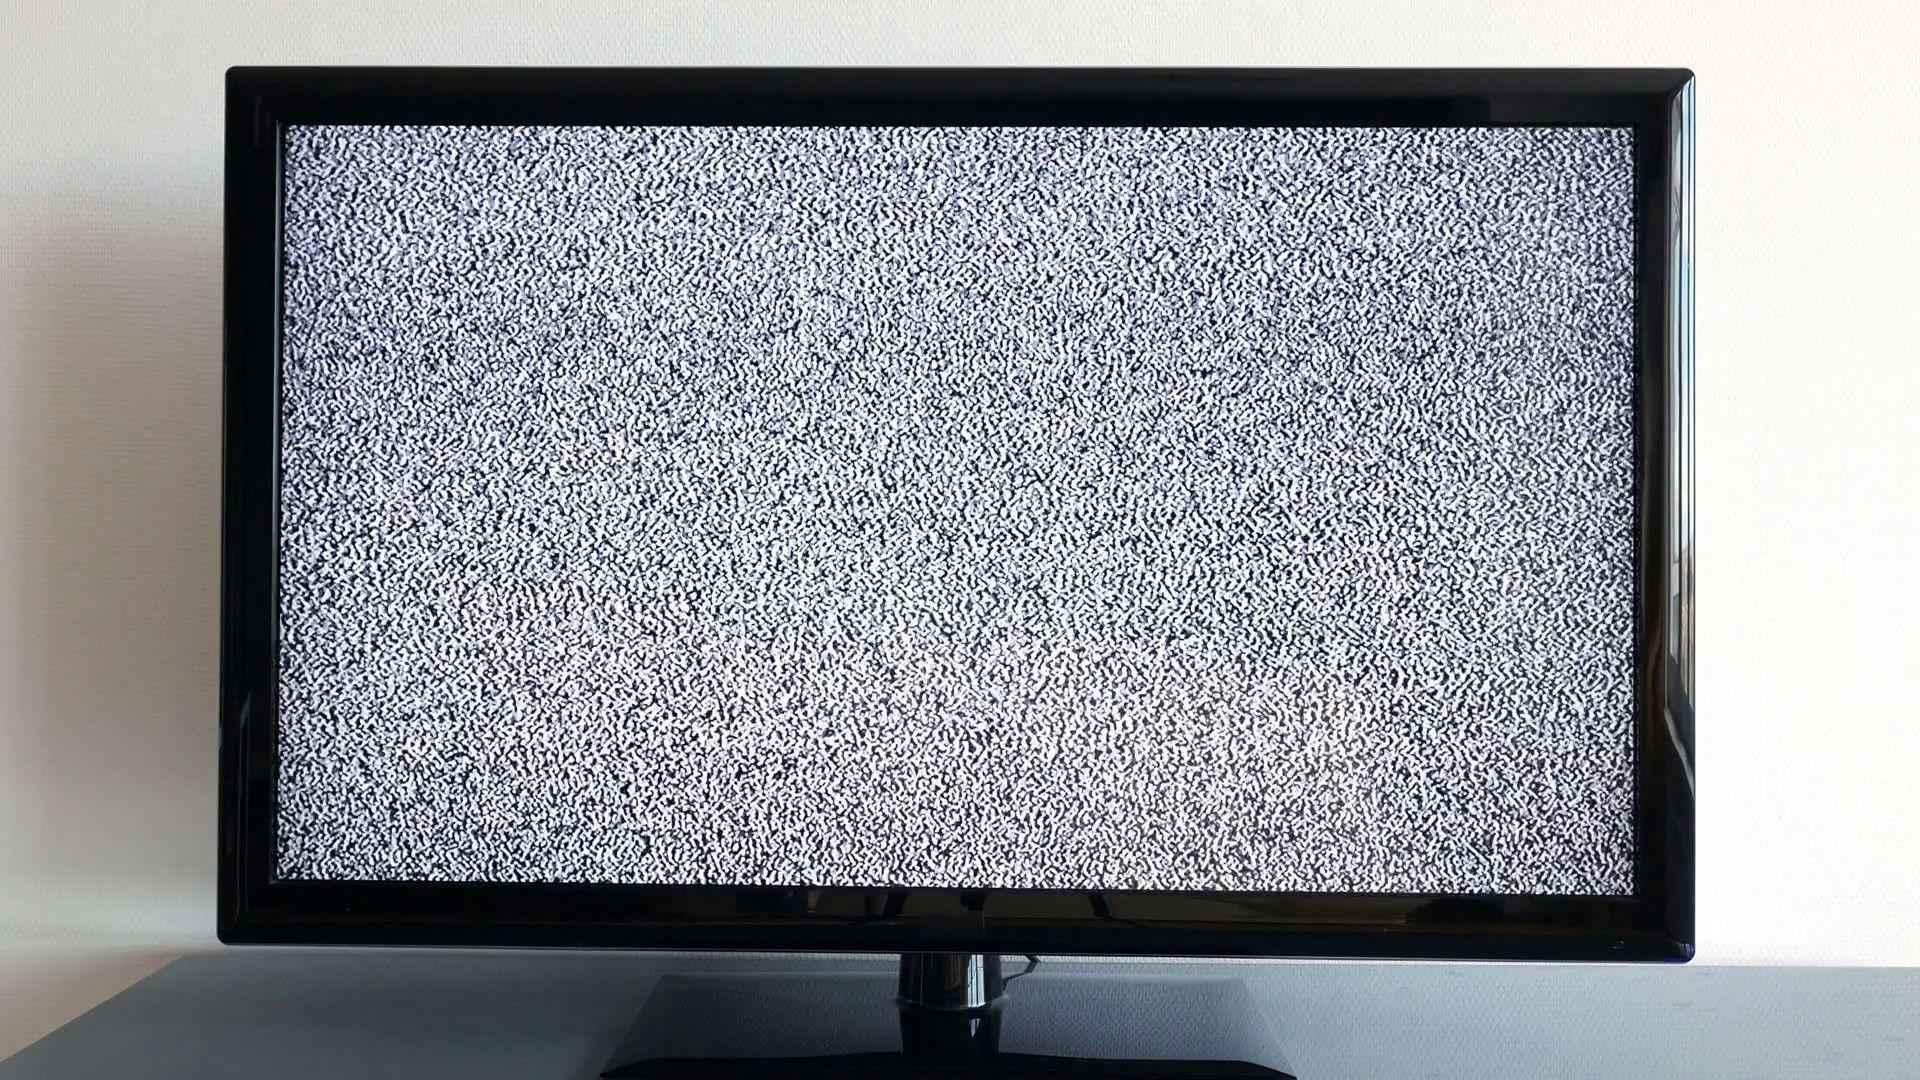 попасть картинка нет сети на телевизоре должна быть